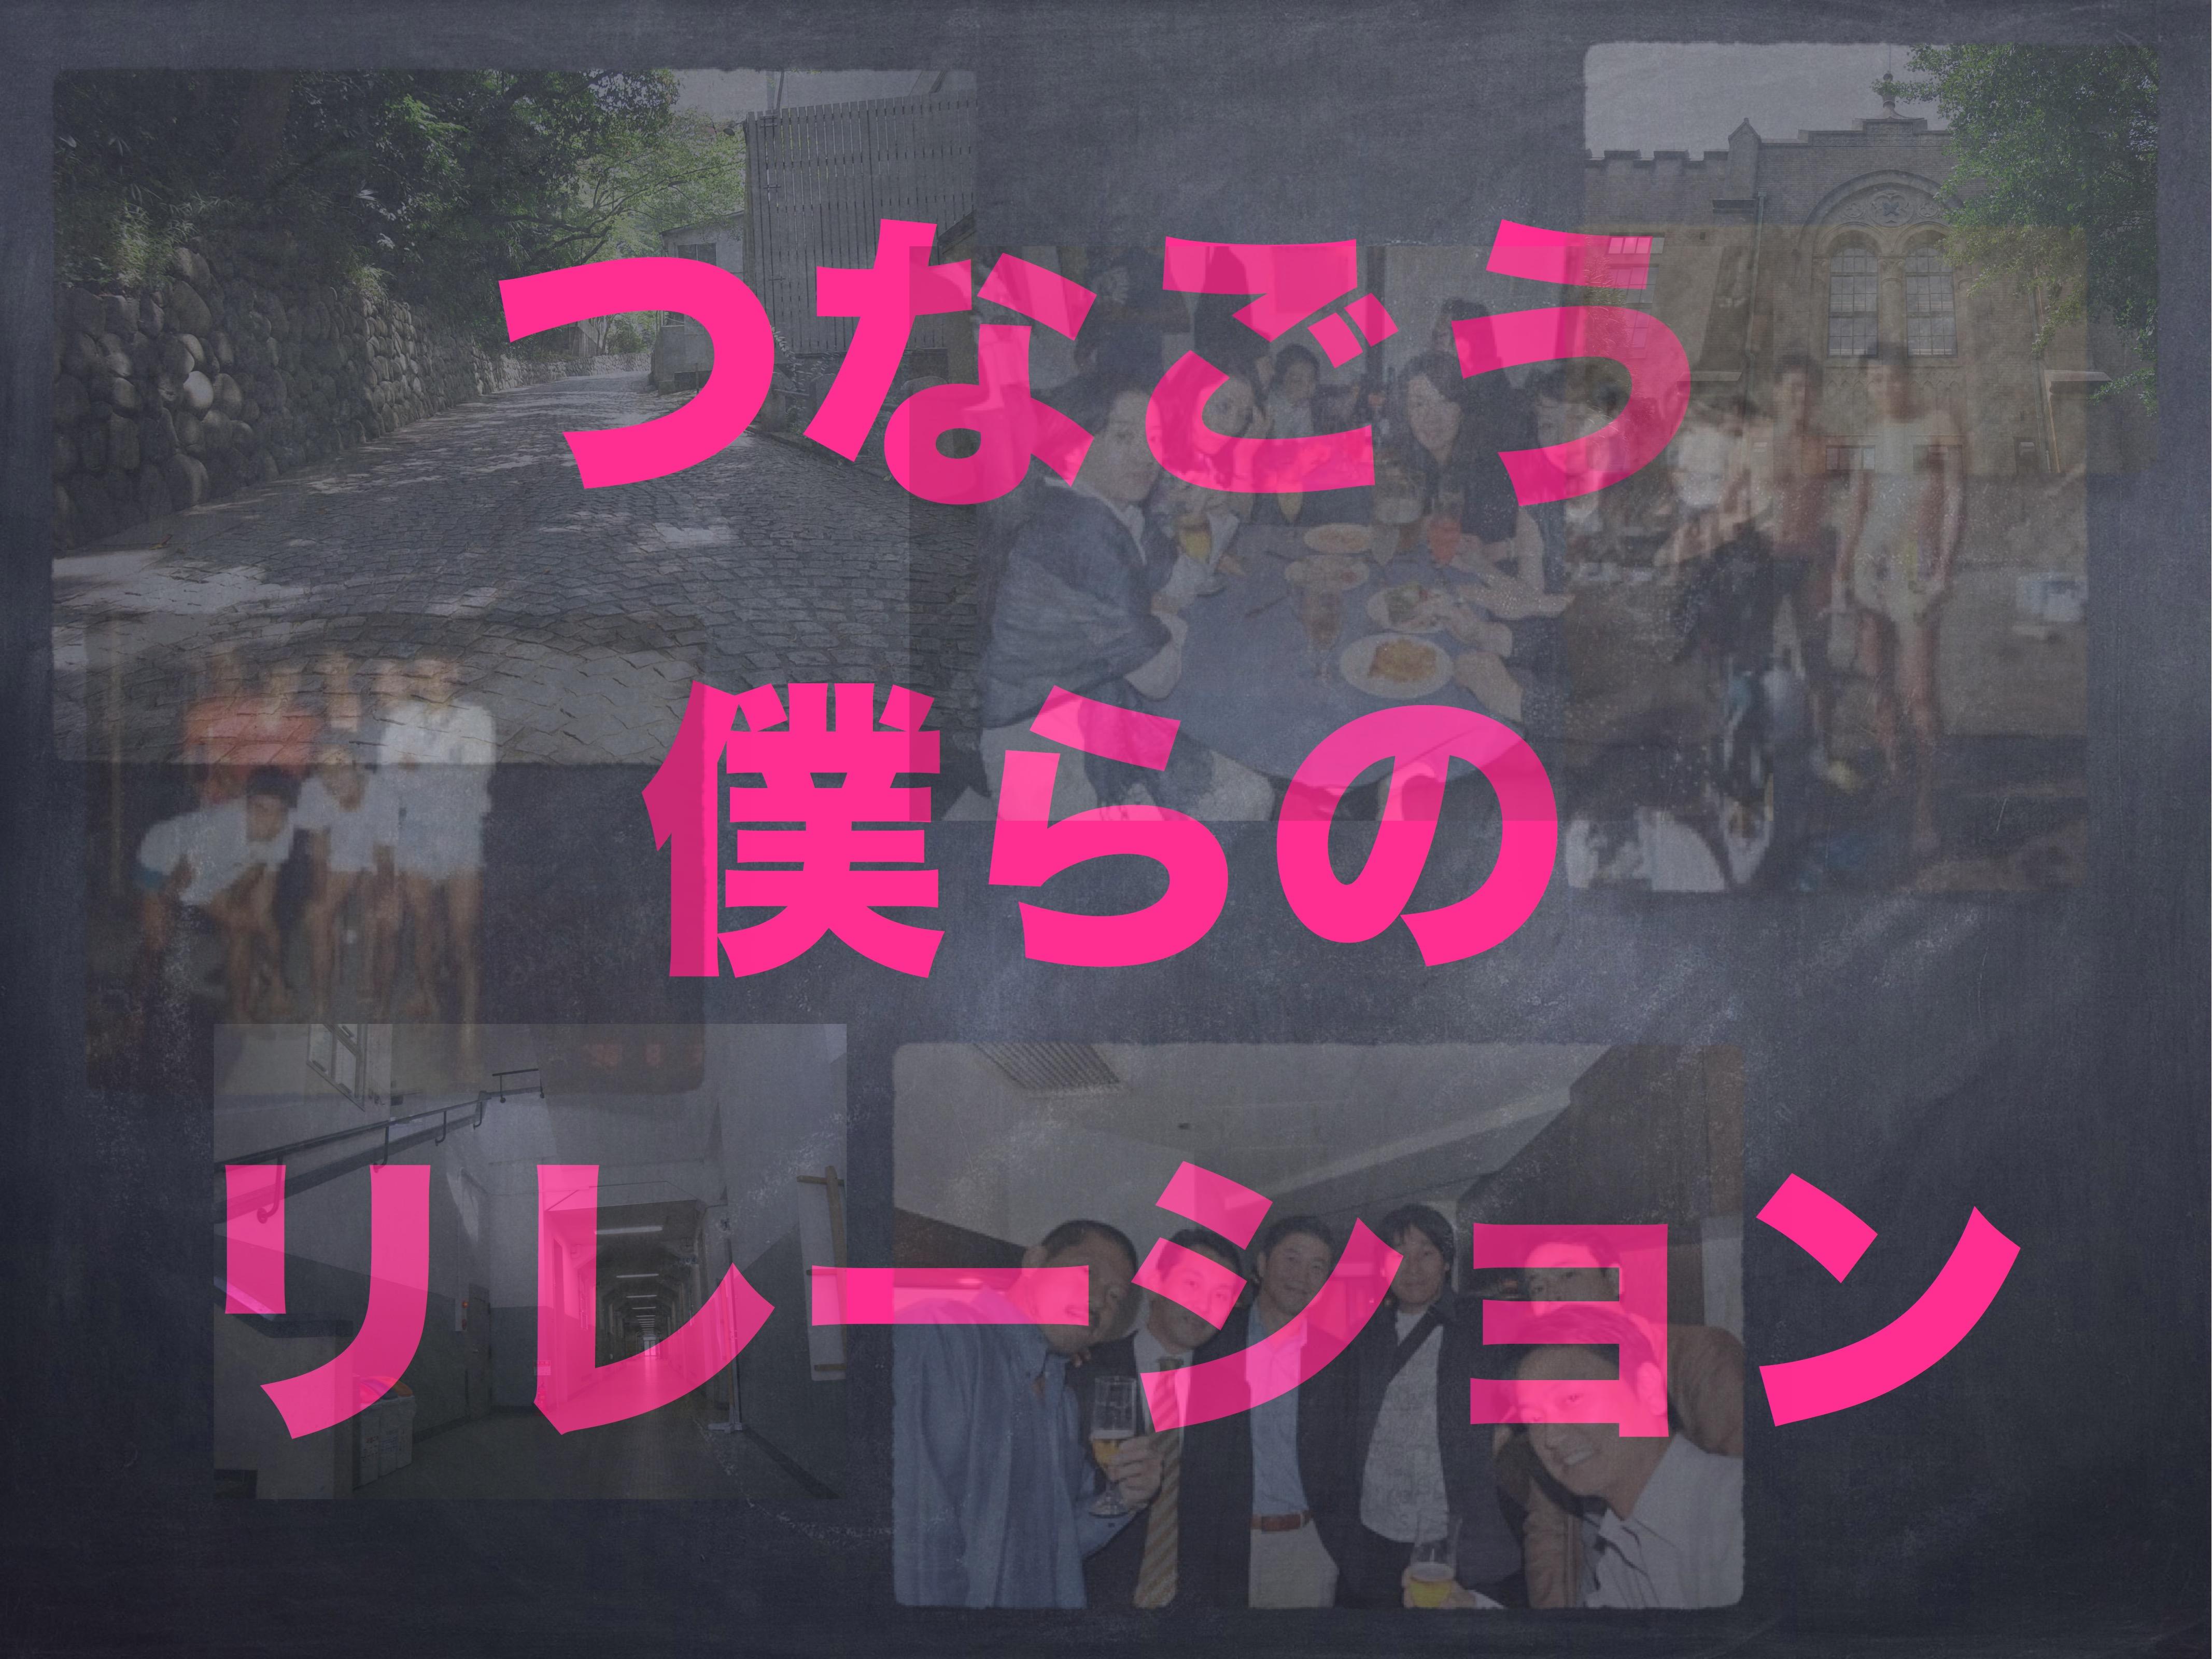 つなごう僕らのリレーション。1991年三田会の会員たちがリレーエッセイでつないでいきます。定期的に更新されていきます。